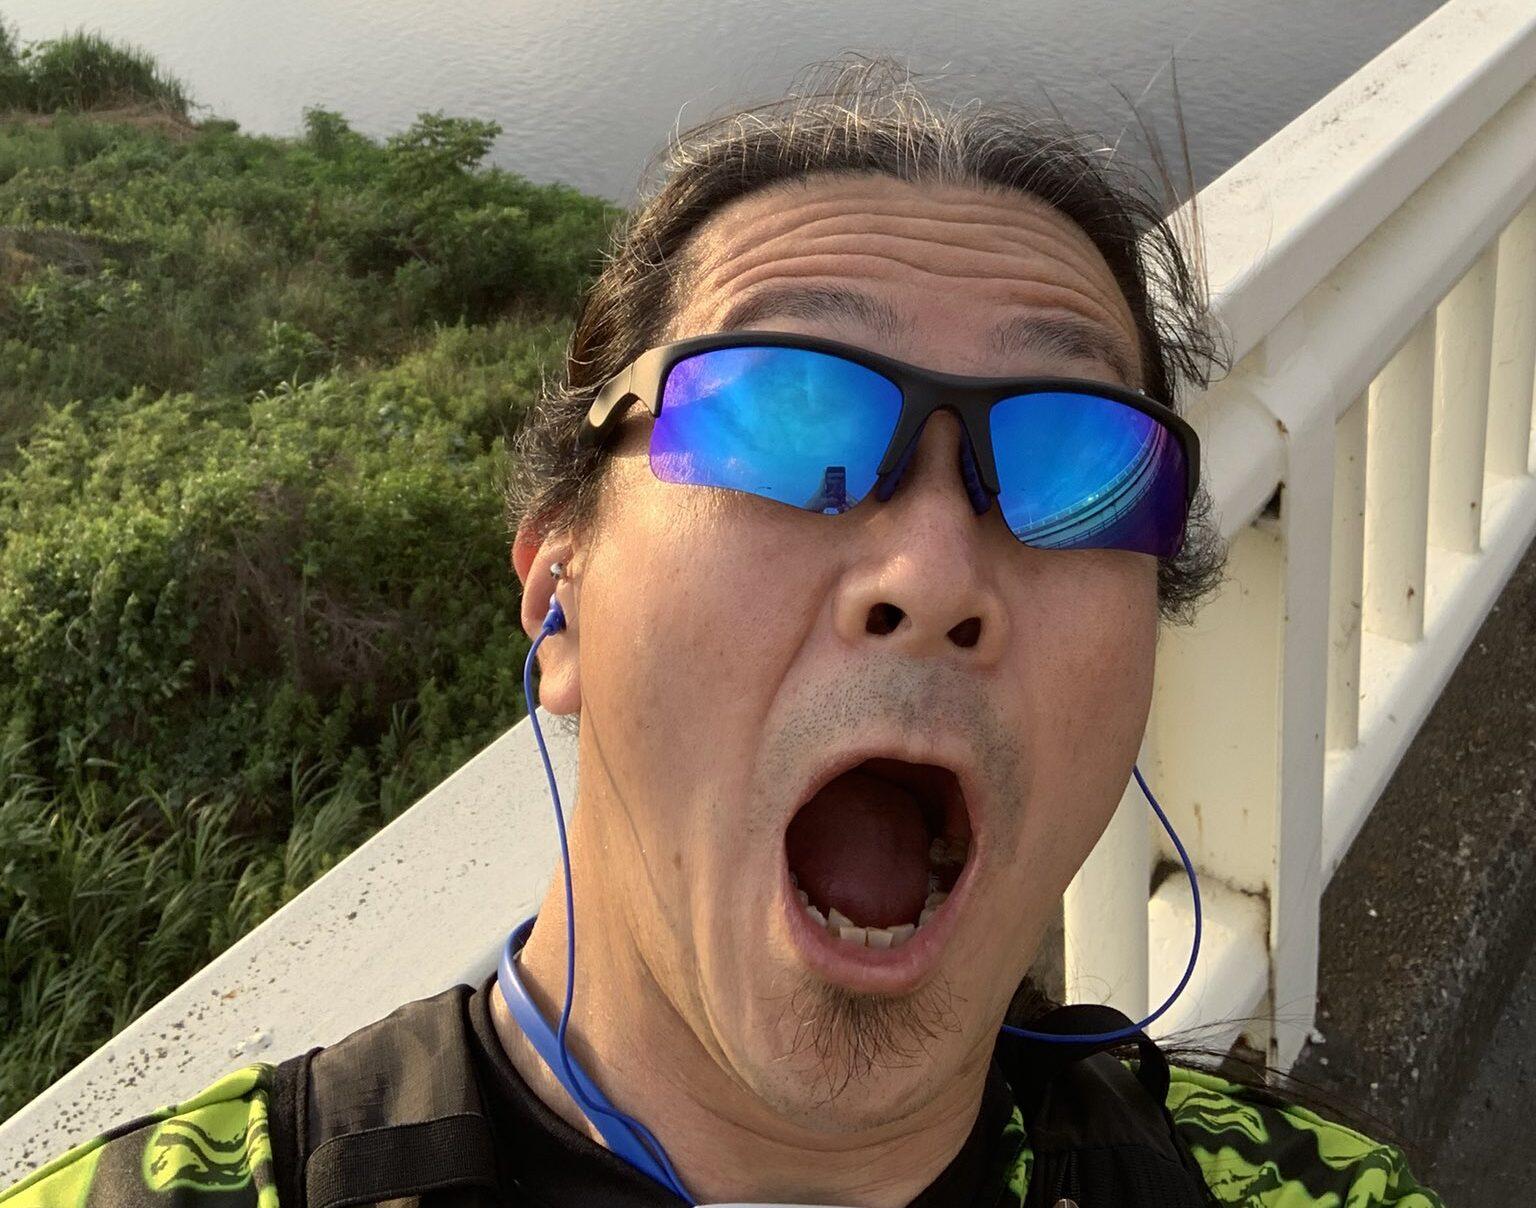 ジョギング中に追い抜かれただけで天啓を得た大崎一万発さん、「ザ・老害」だと話題に